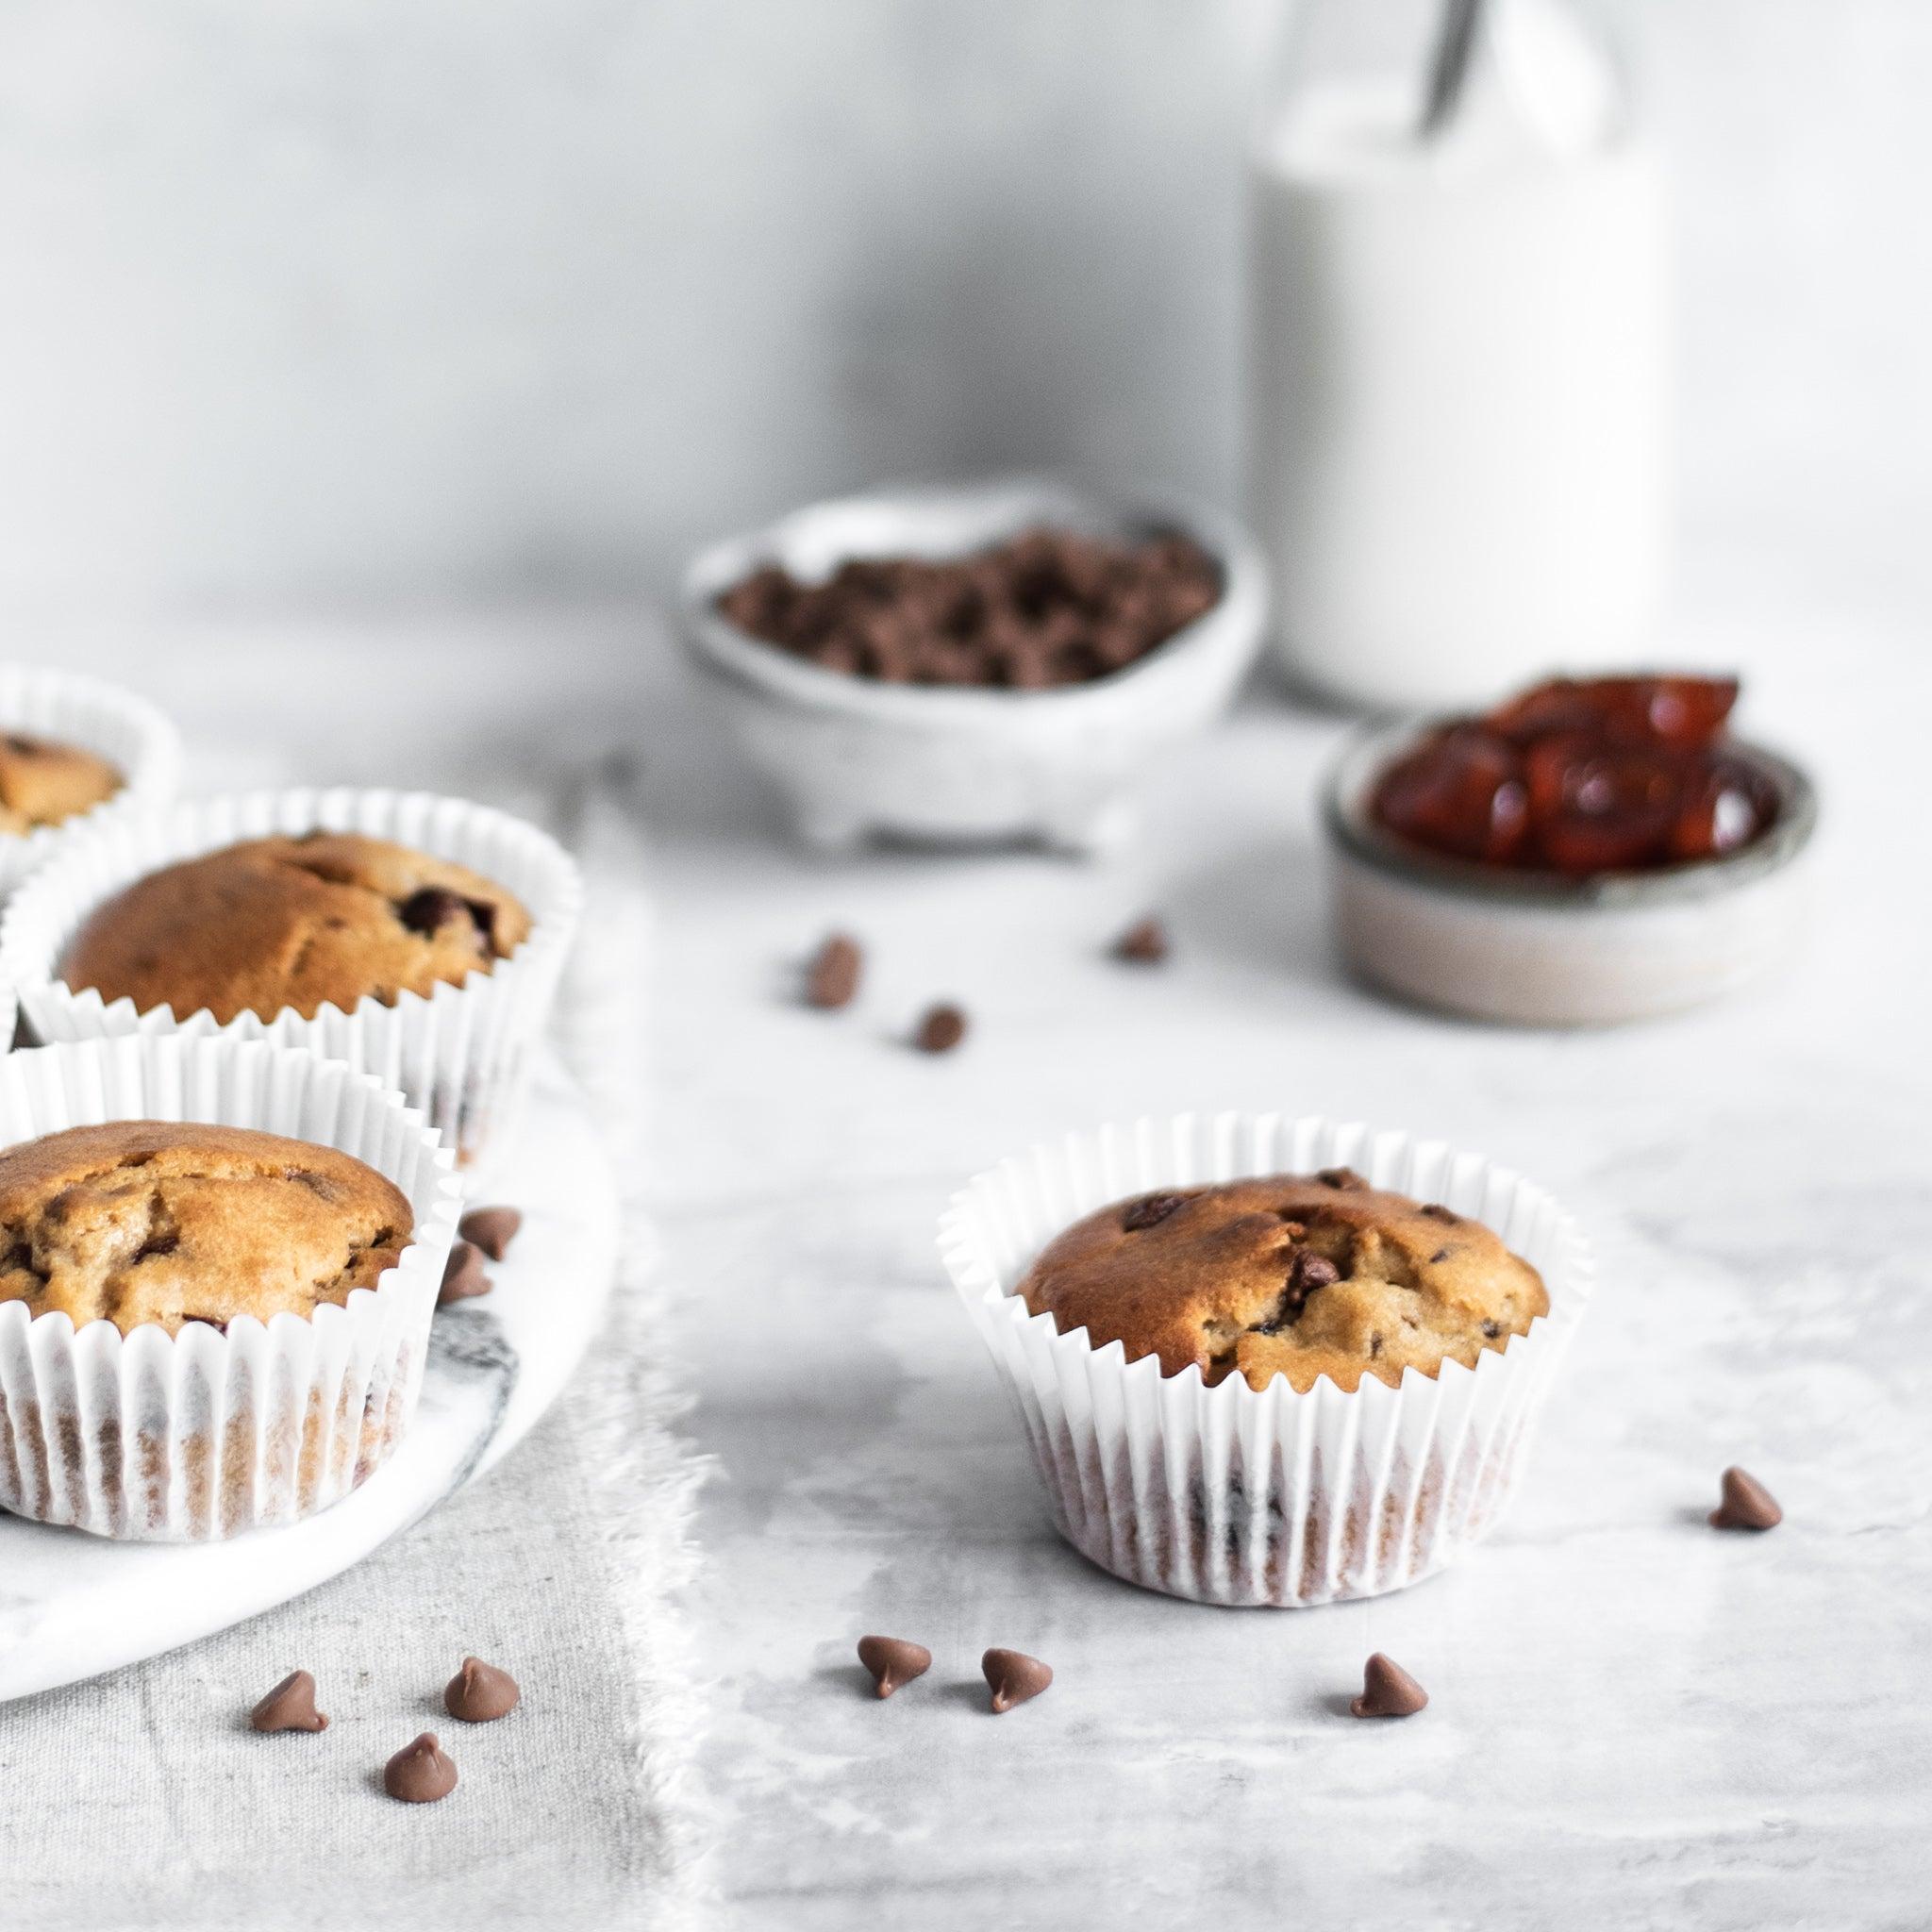 Chocolate-Cherry-Muffins-SQUARE-1.jpg